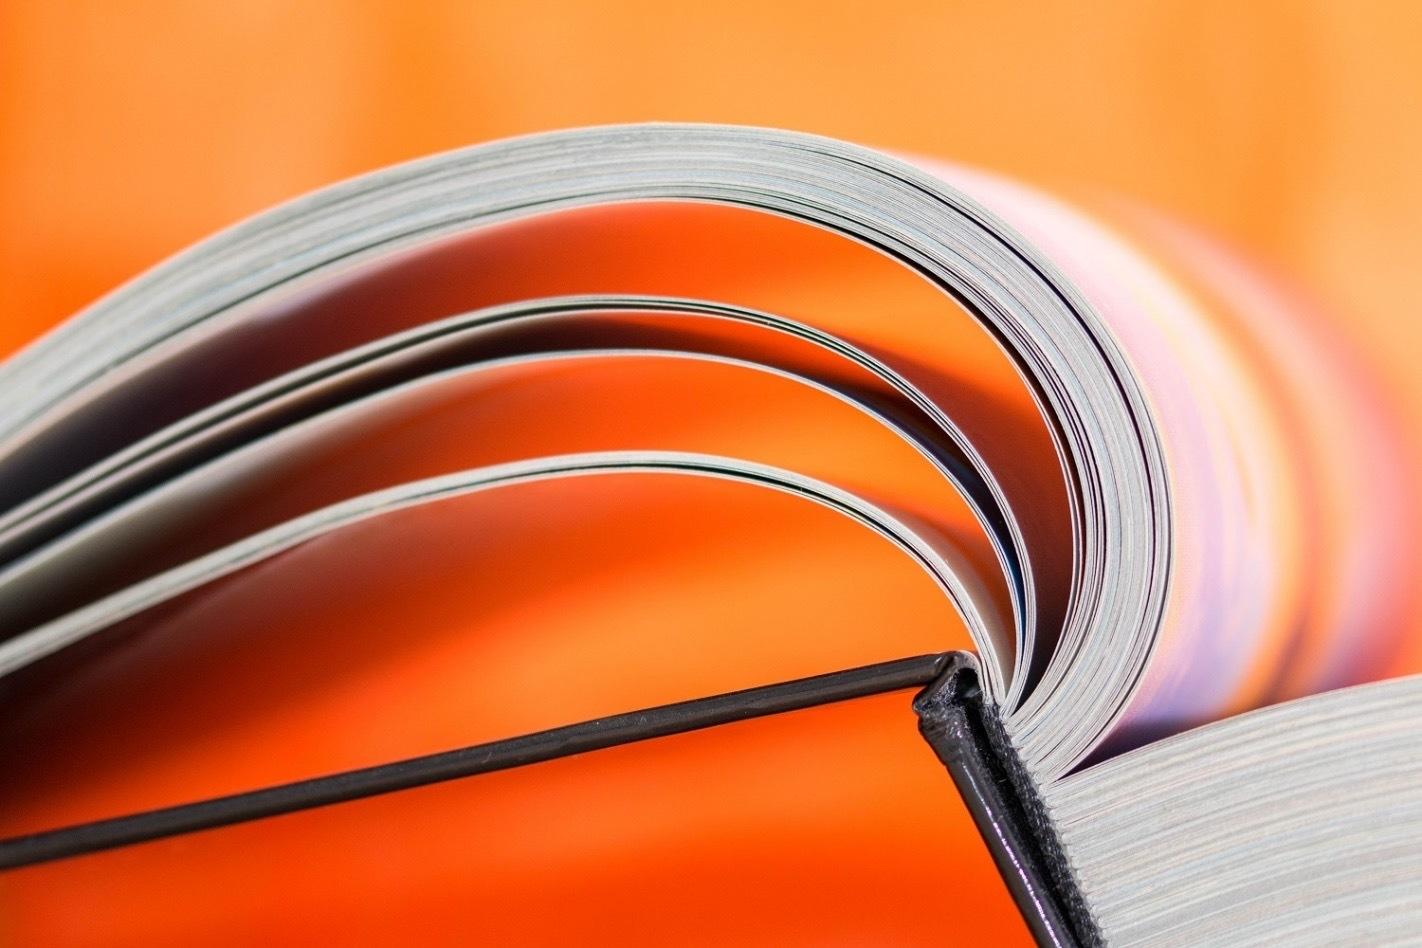 Дайджест Университета ИТМО: материалы для тех, кто хочет влиться в Data Science - 1